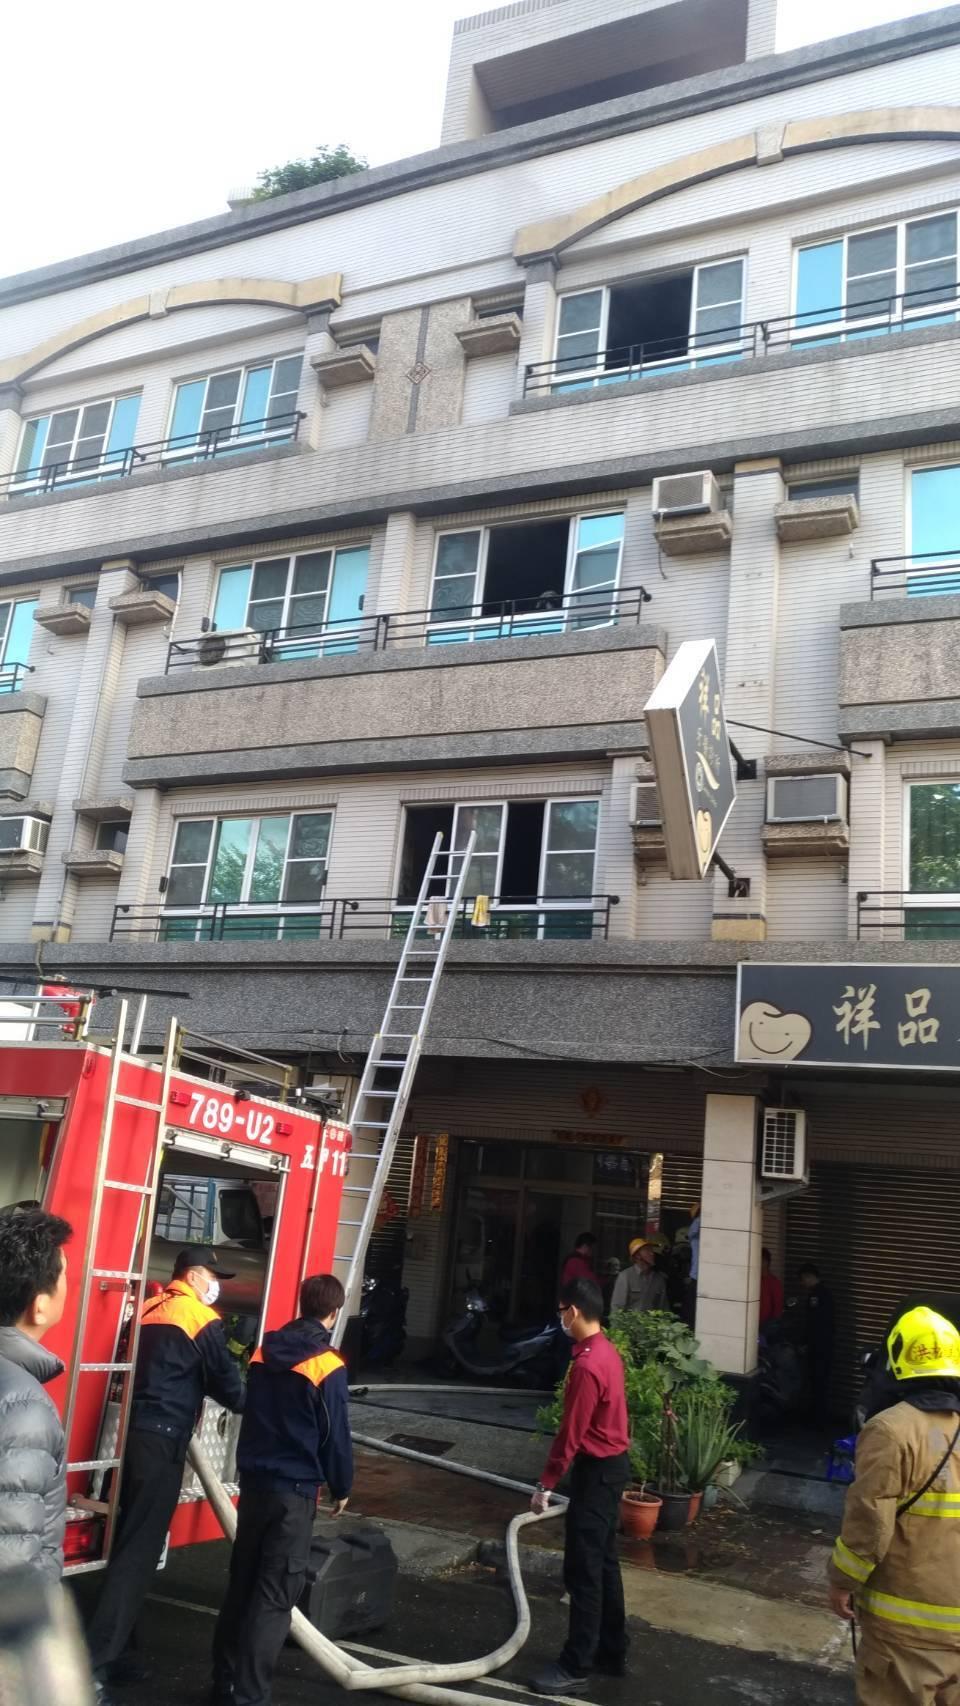 高市鳳山區鳳南一路今上午8點27分發生住宅火警,現場竄出濃濃黑煙,消防員趕抵現場...